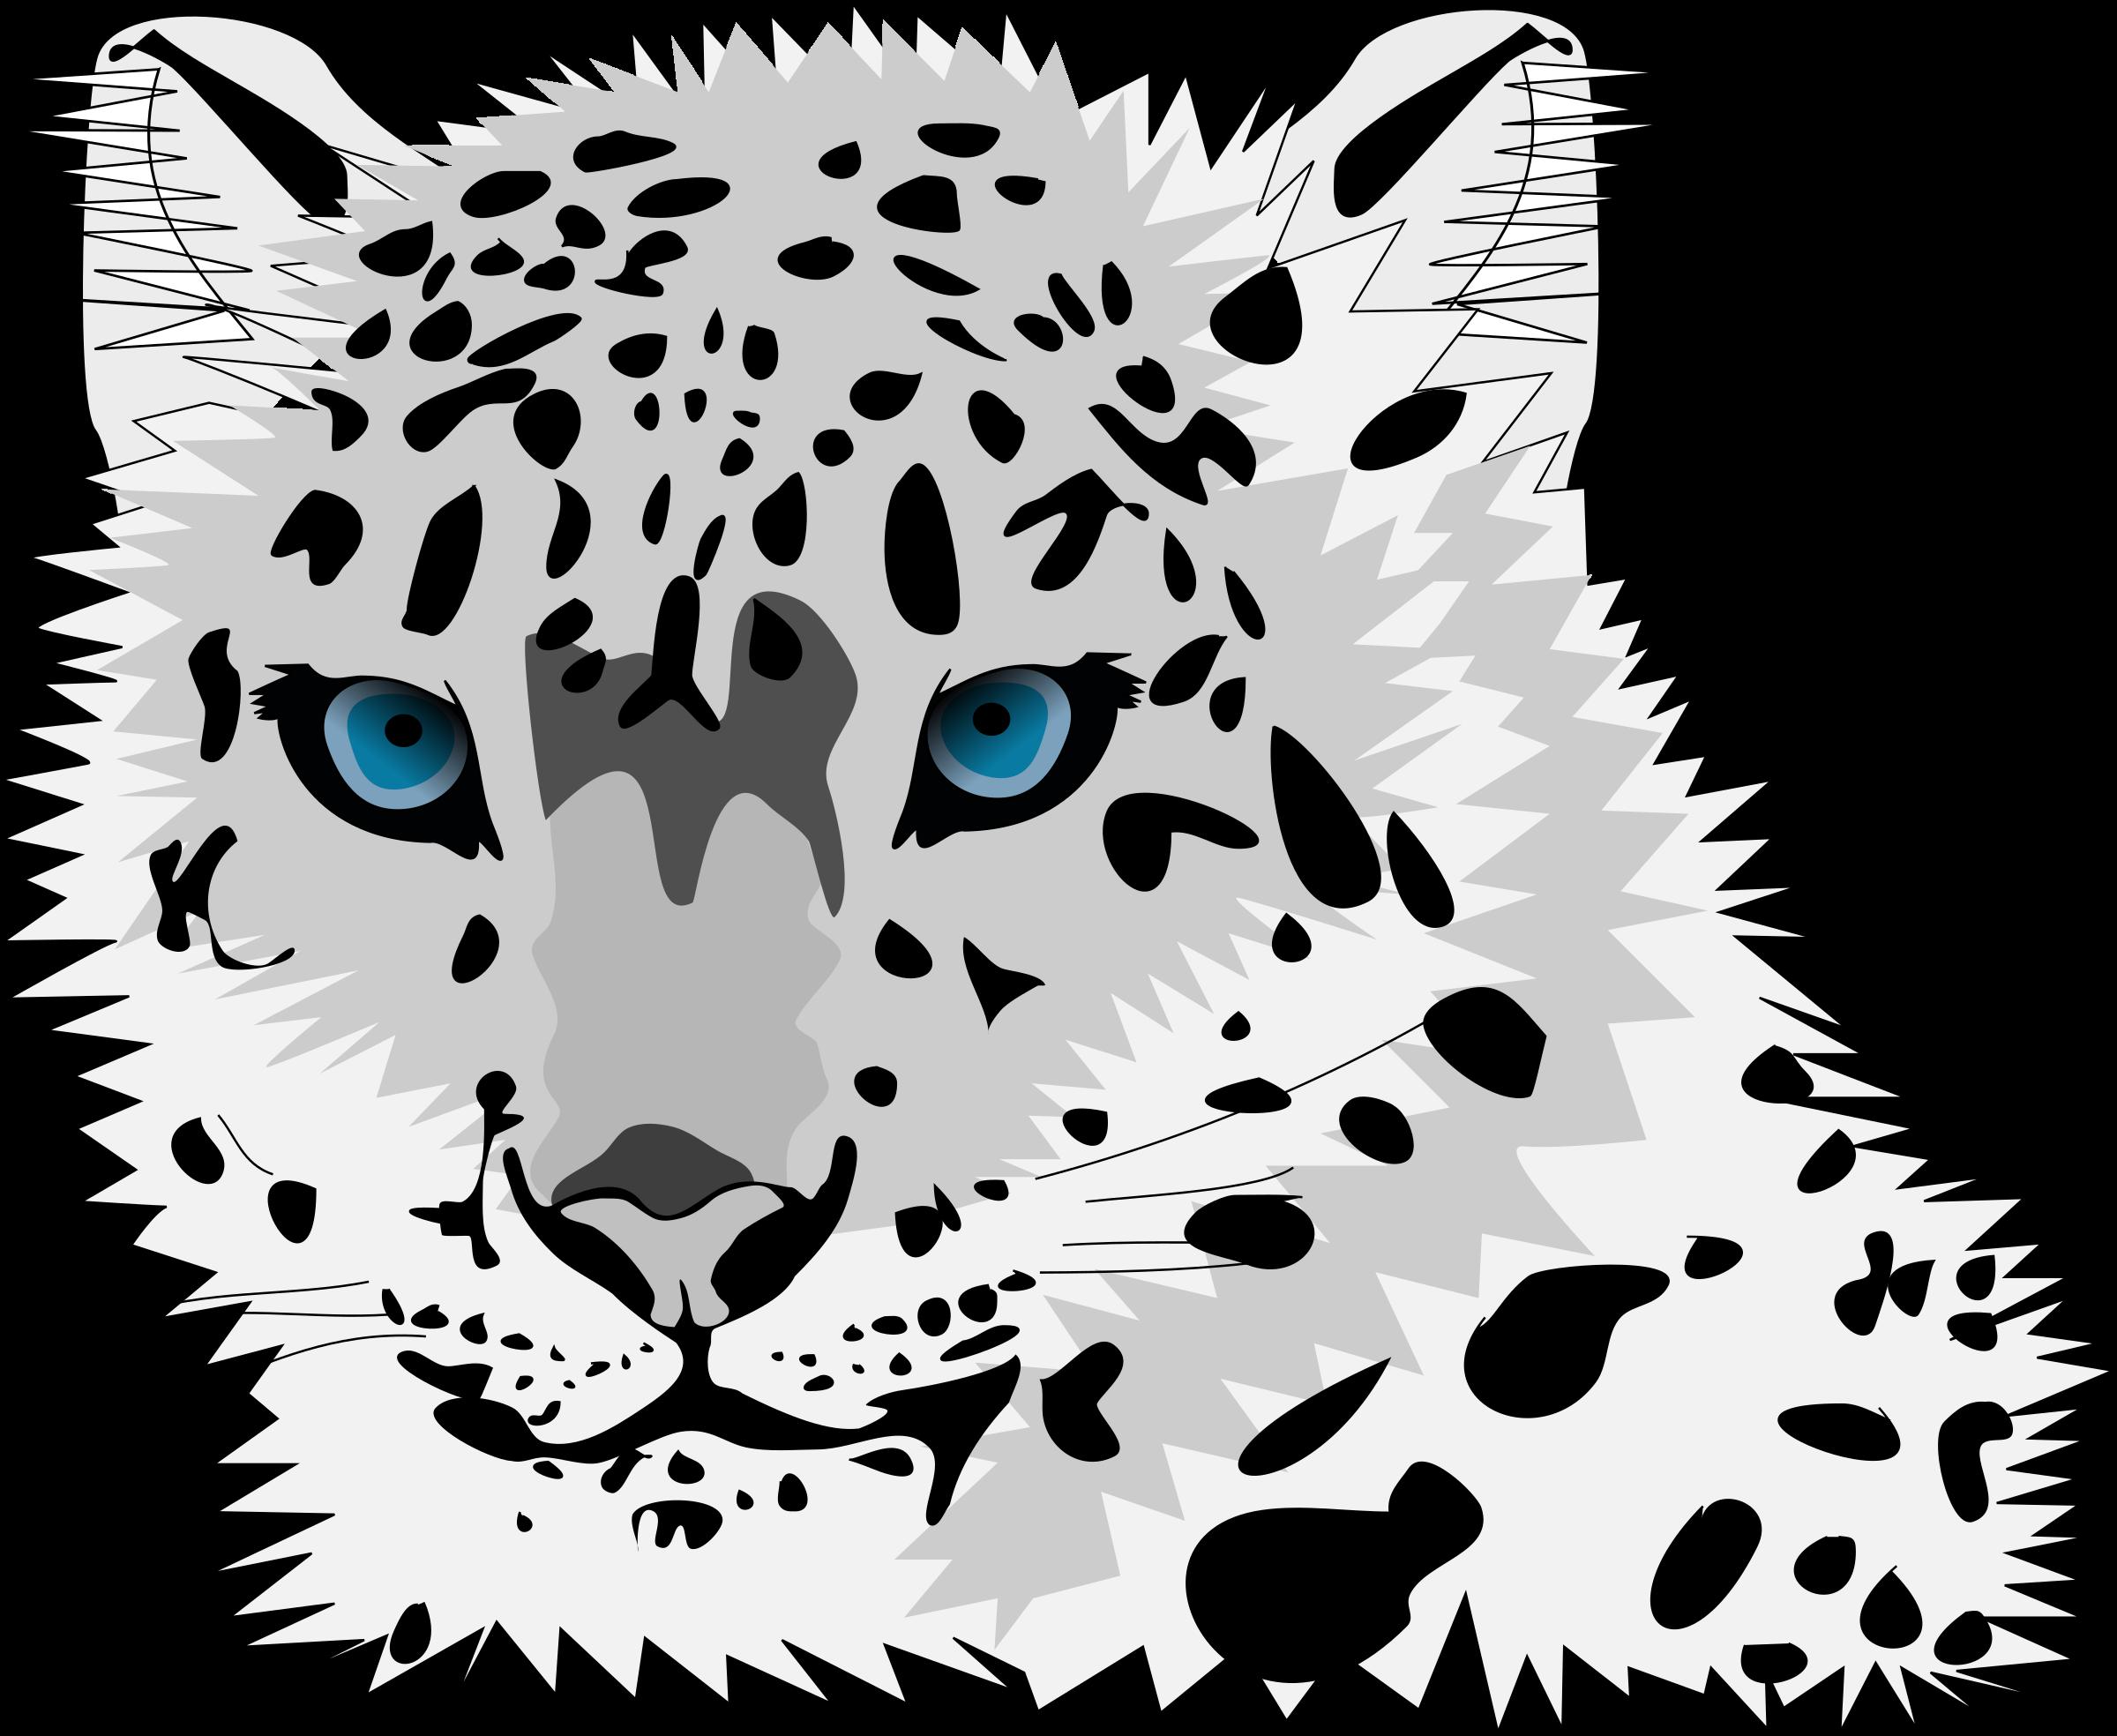 snow leopard - Snow Leopard Clipart